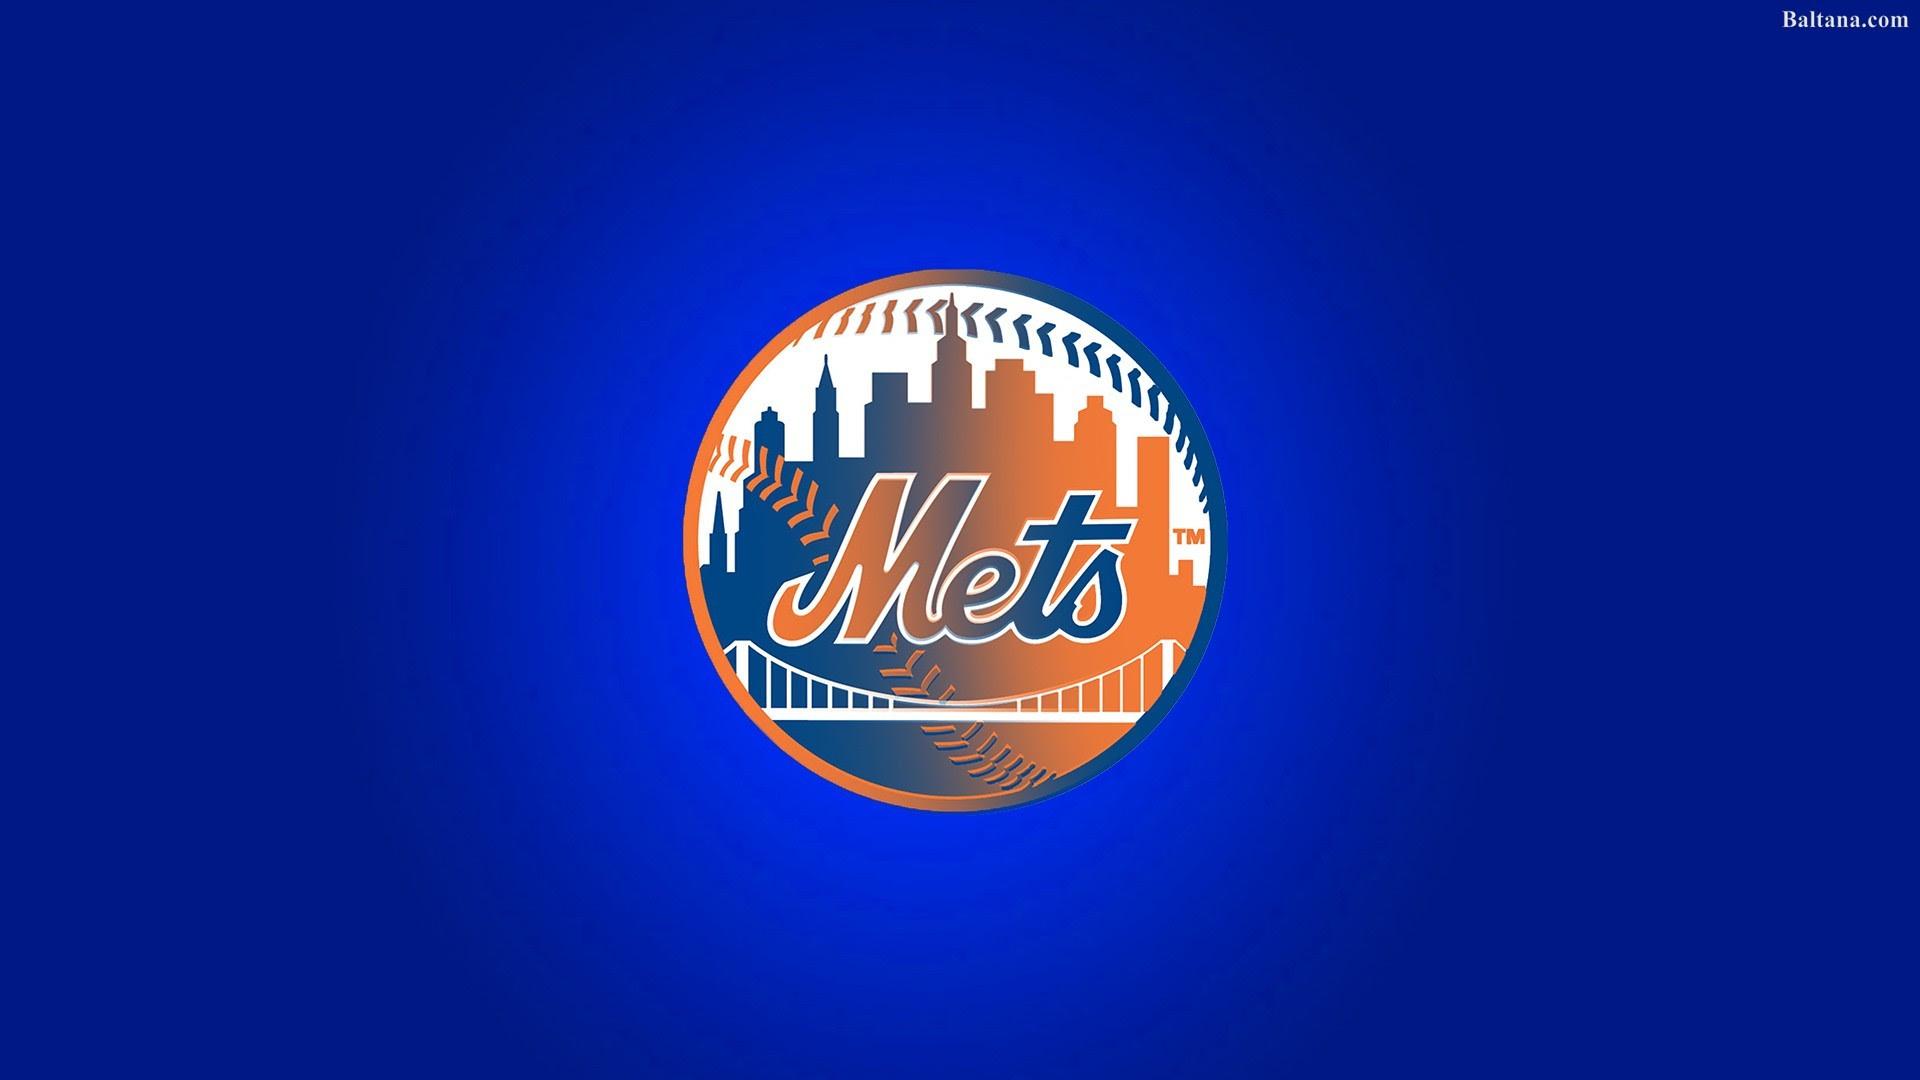 Mets Wallpaper iPhone (72+ images)